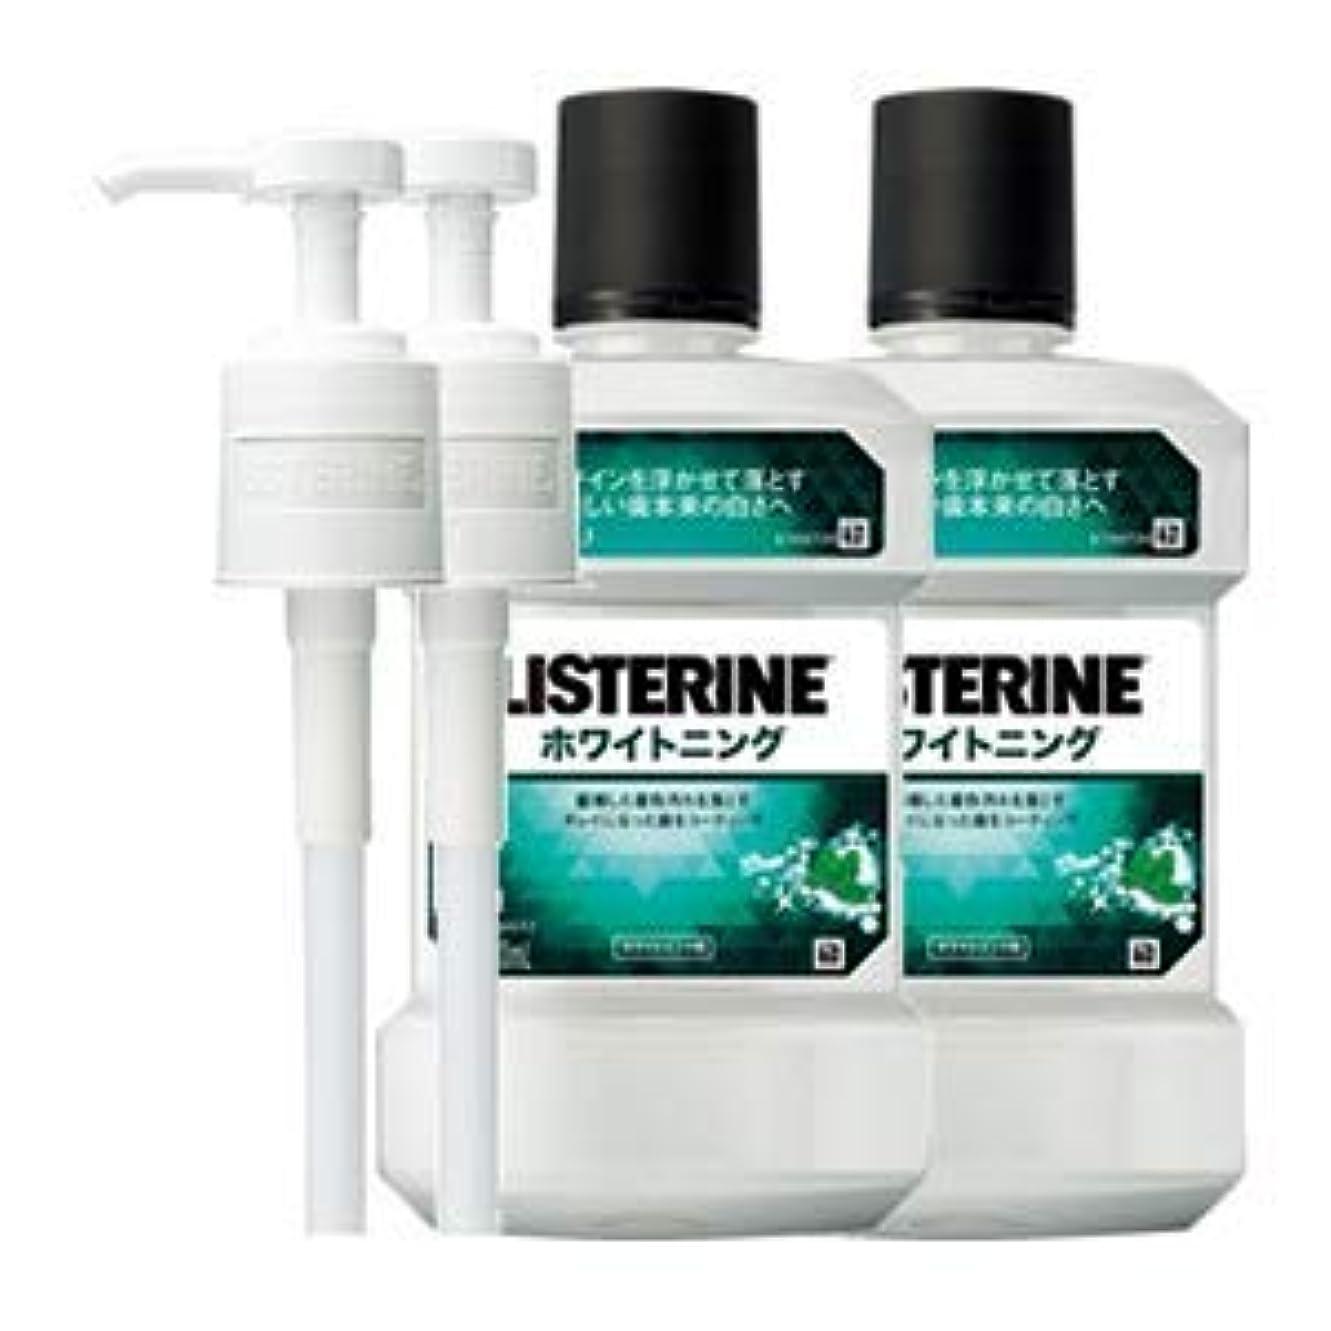 マイルストーン寝室を掃除するアレイ薬用 リステリン ホワイトニング (液体歯磨) 1000mL 2点セット (ポンプ付)